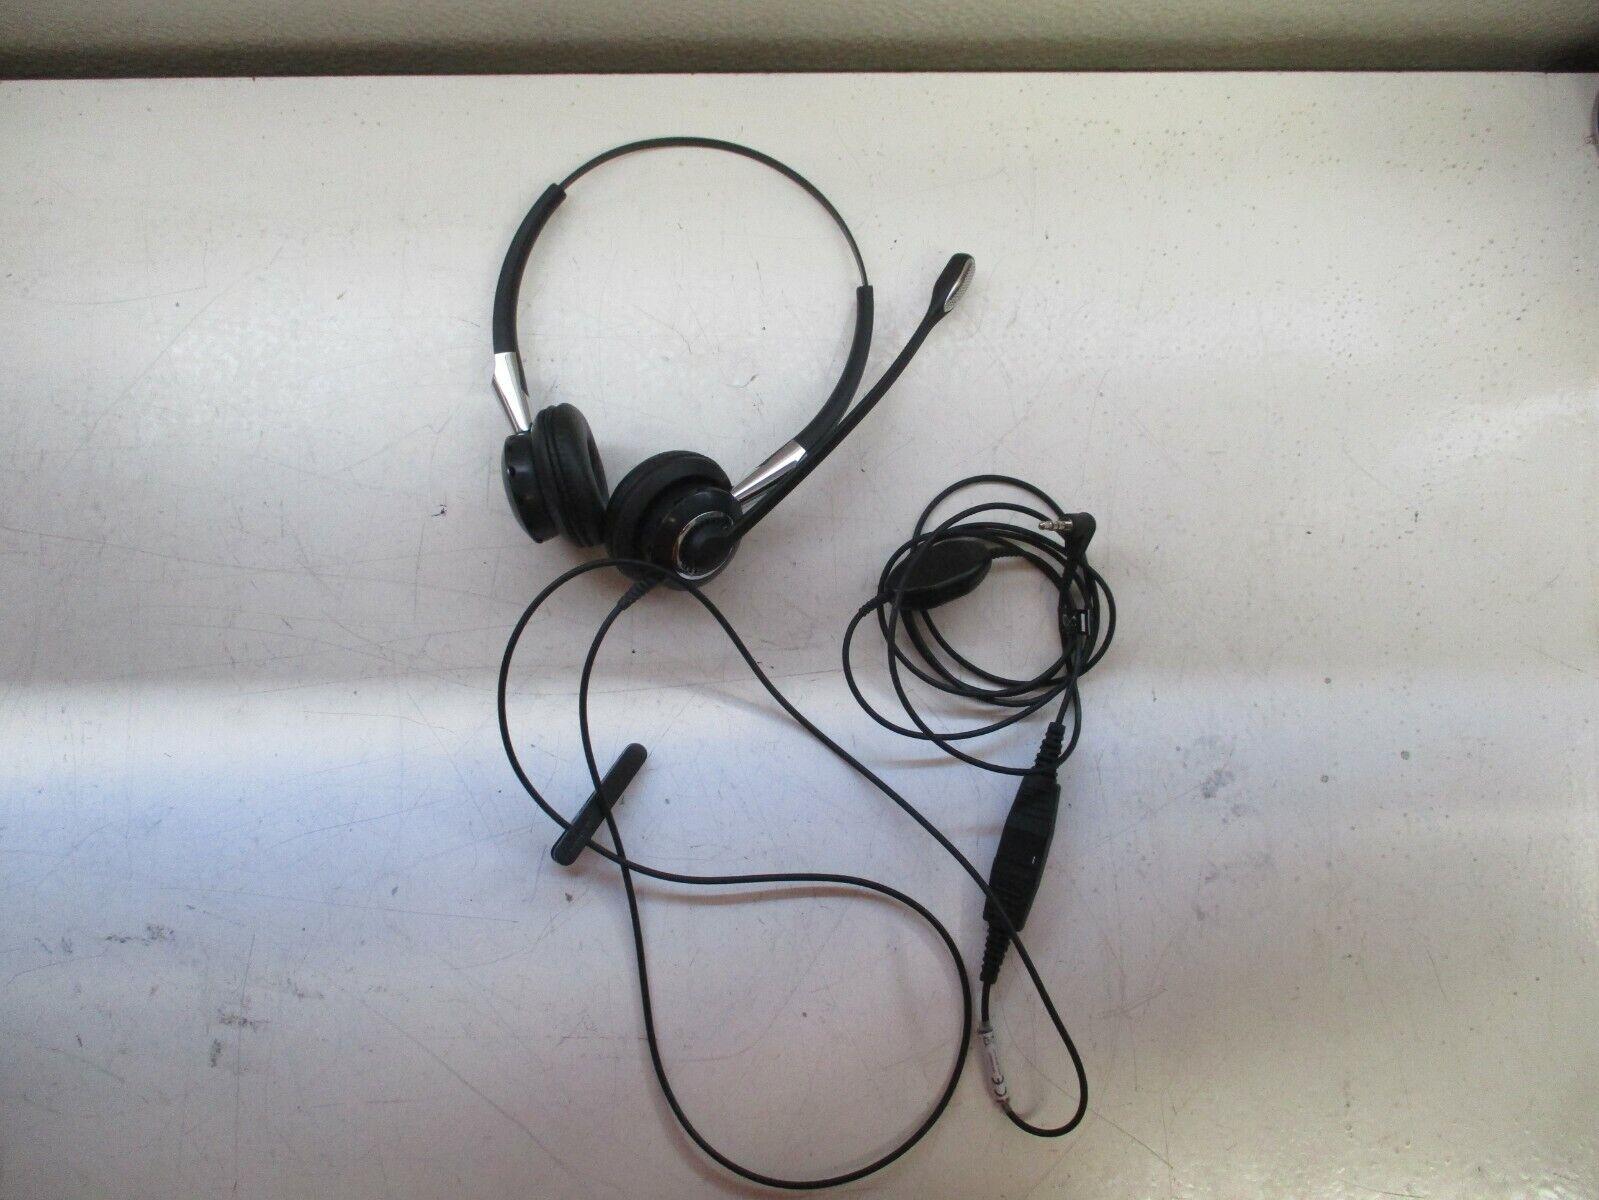 Profiklasse RJ10 QD GN Netcom – Headset Profile